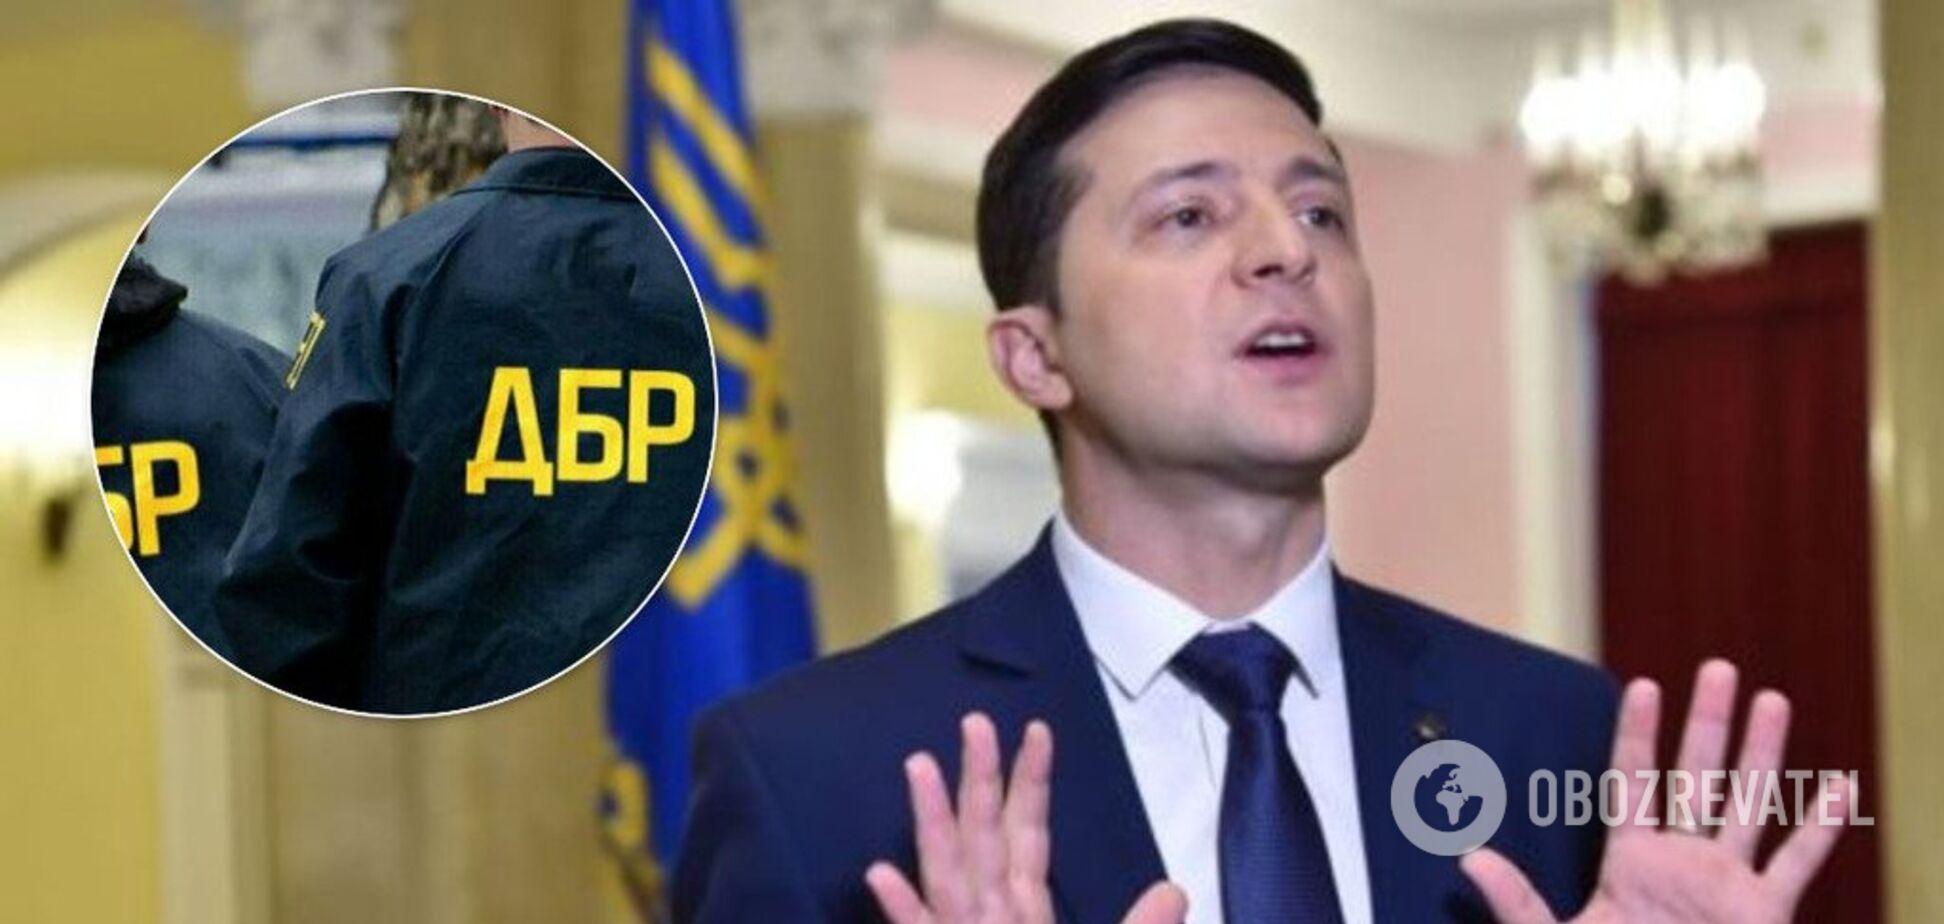 Нужно поменять руководство: Зеленский сделал громкое заявление о ГБР